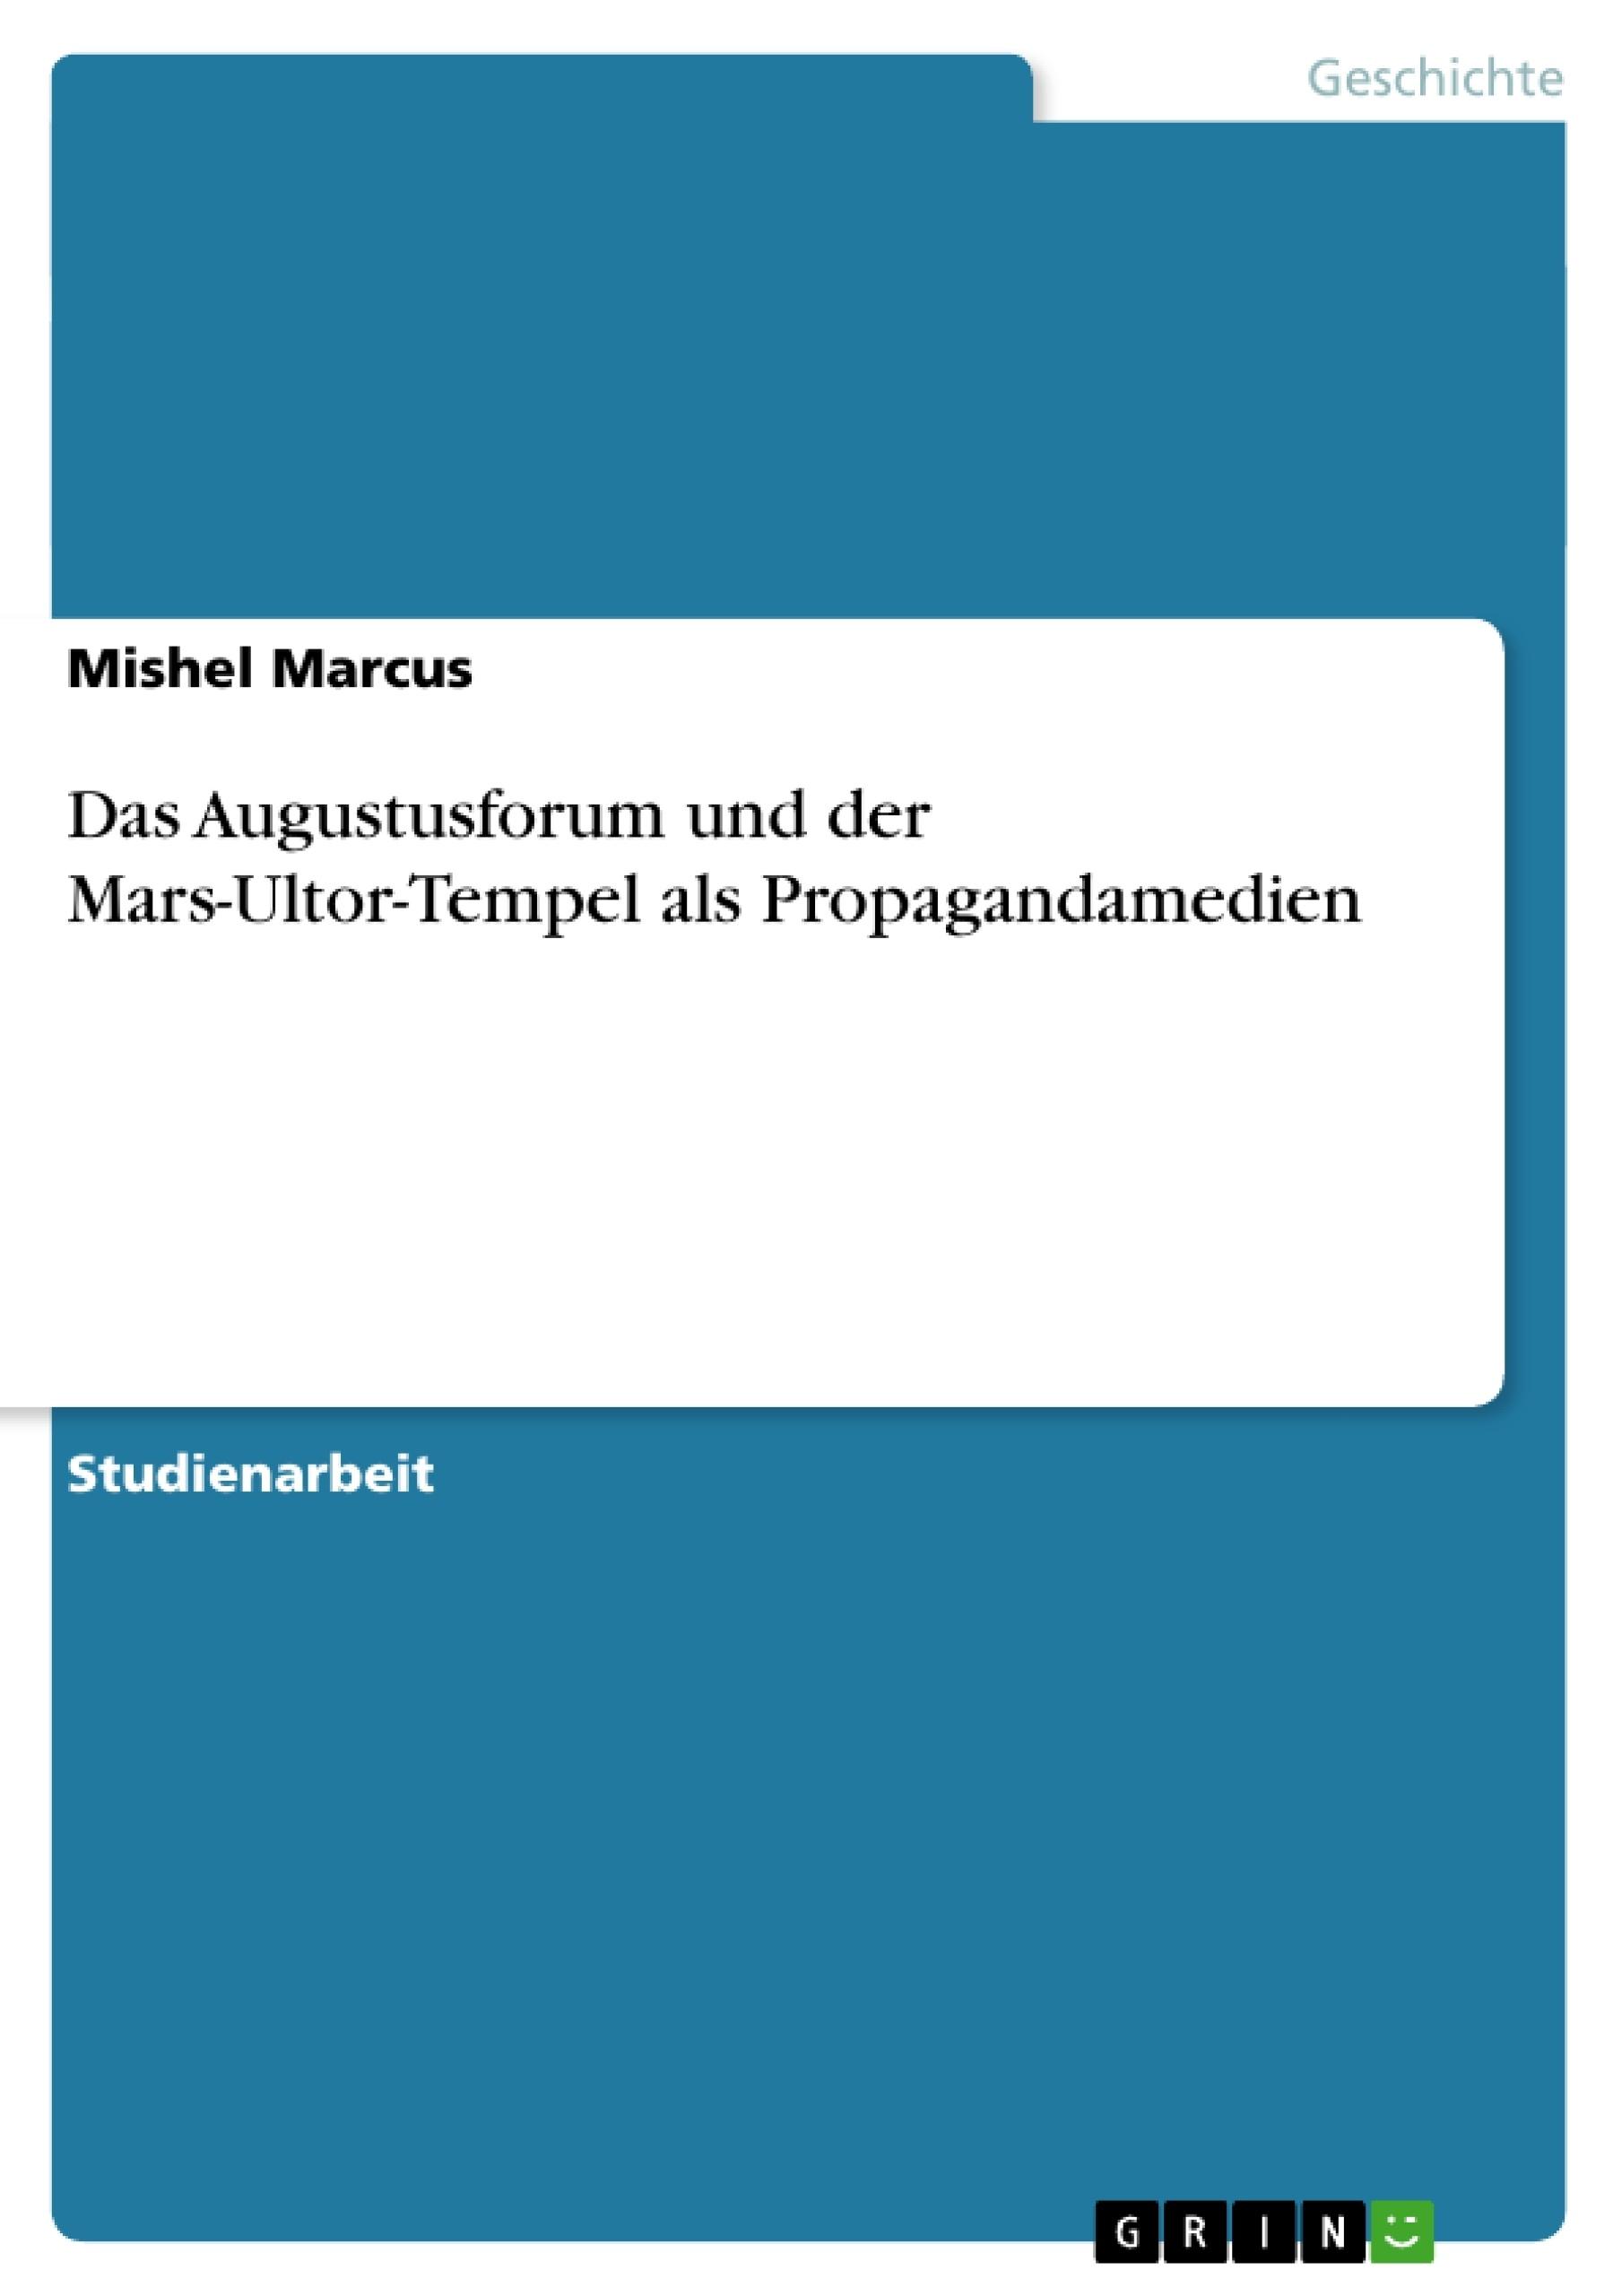 Titel: Das Augustusforum und der Mars-Ultor-Tempel als Propagandamedien